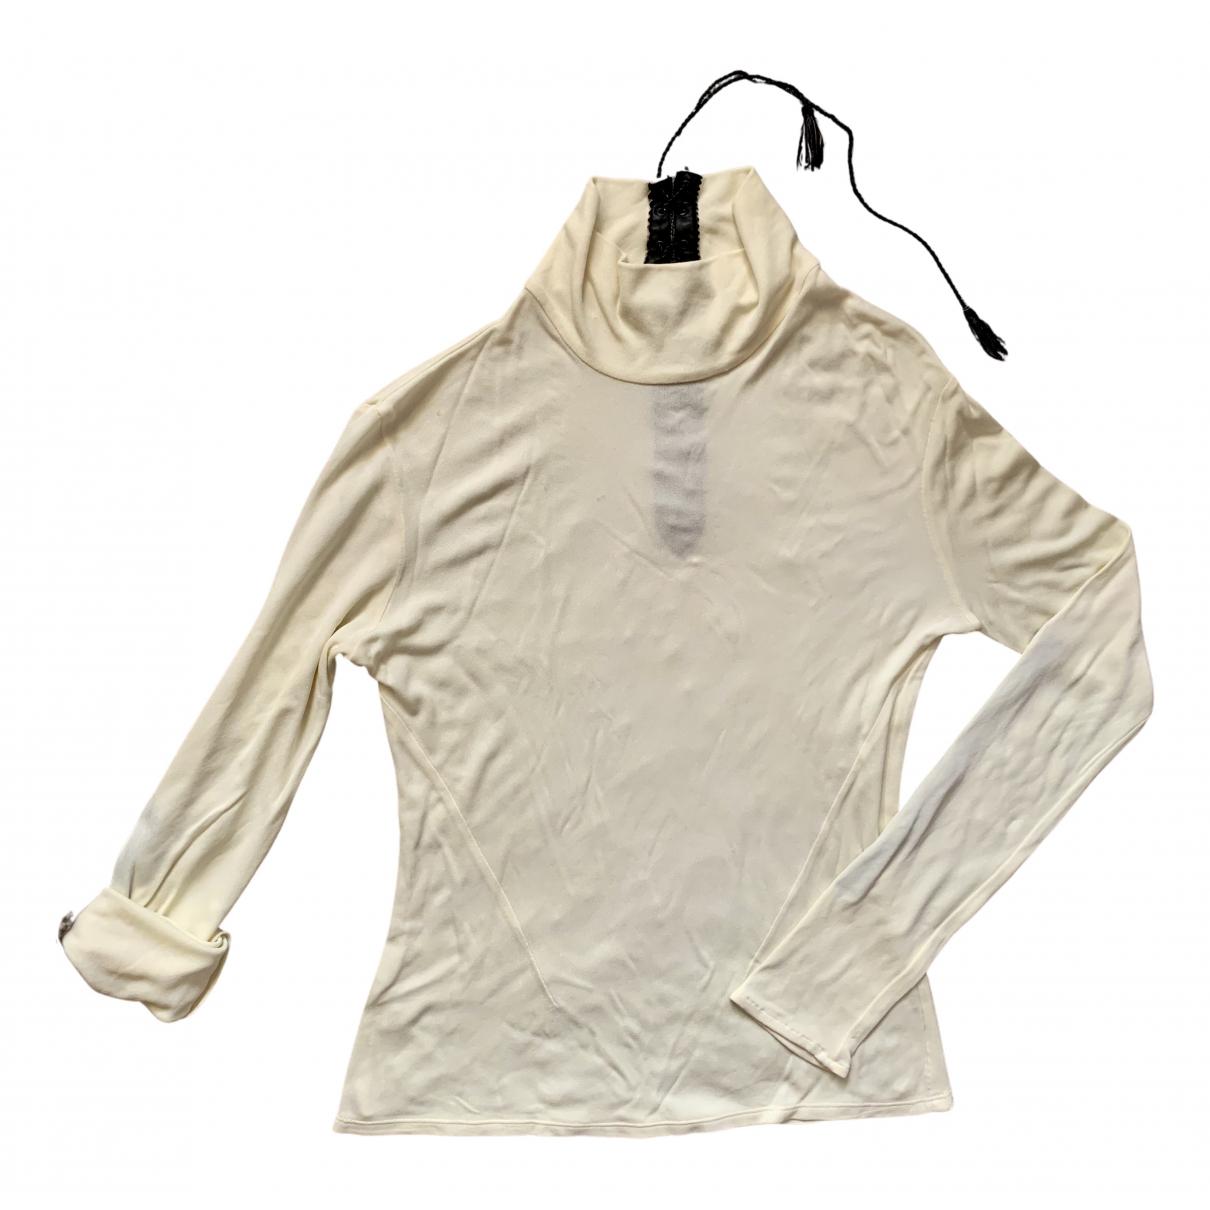 Versus - Top   pour femme en coton - beige